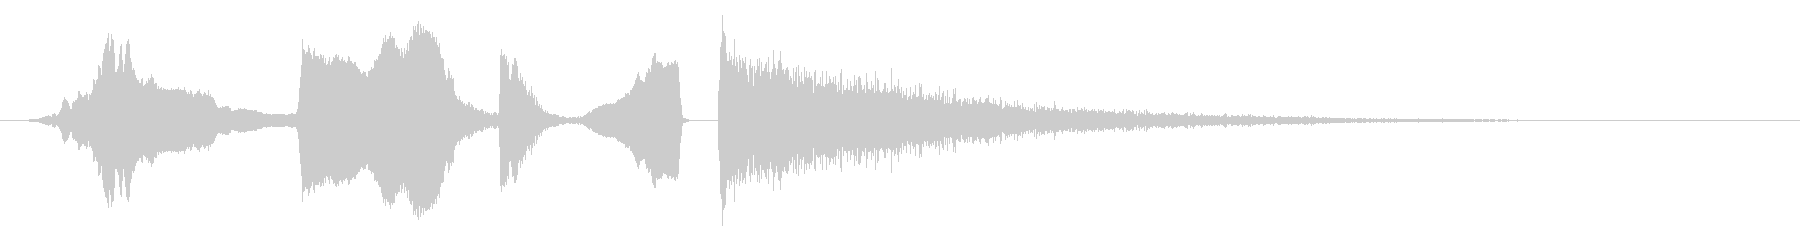 コミカルホイッスルトゥートボンクラッシュの未再生の波形